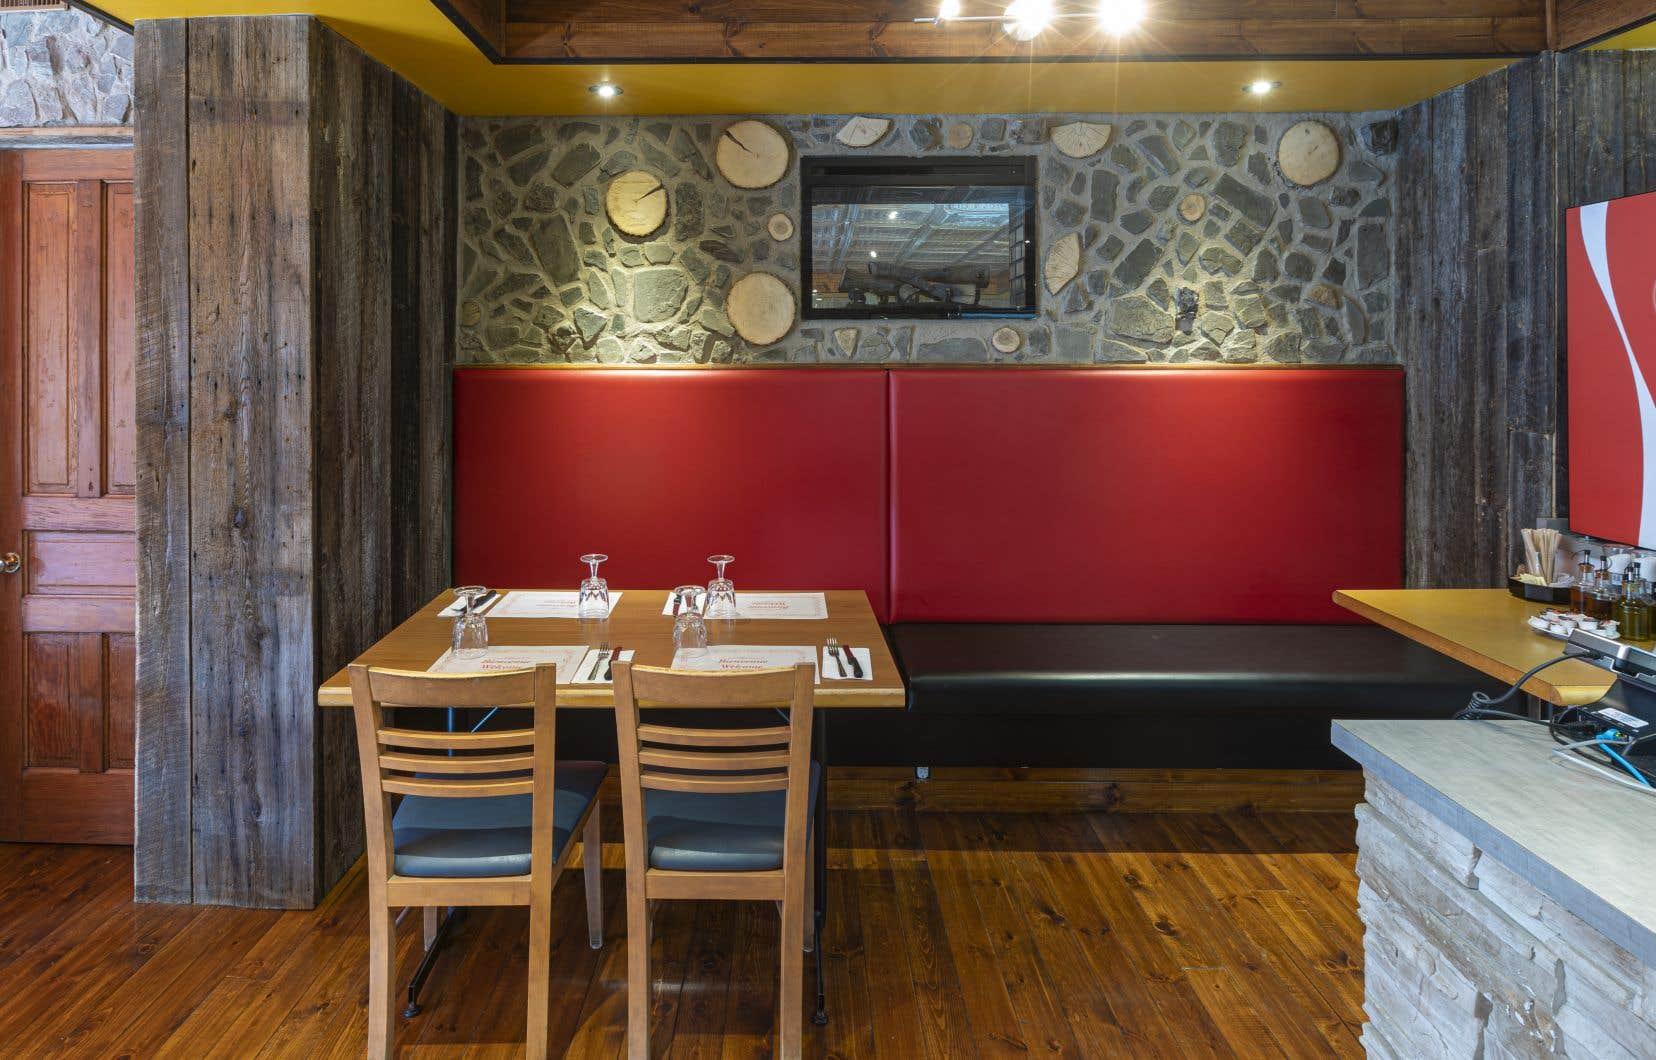 À la Pizzeria Capriccio, on a affaire à du travail bien fait, à des pizzas réalisées avec cœur, ce qui confère une authenticité qui fait du bien.